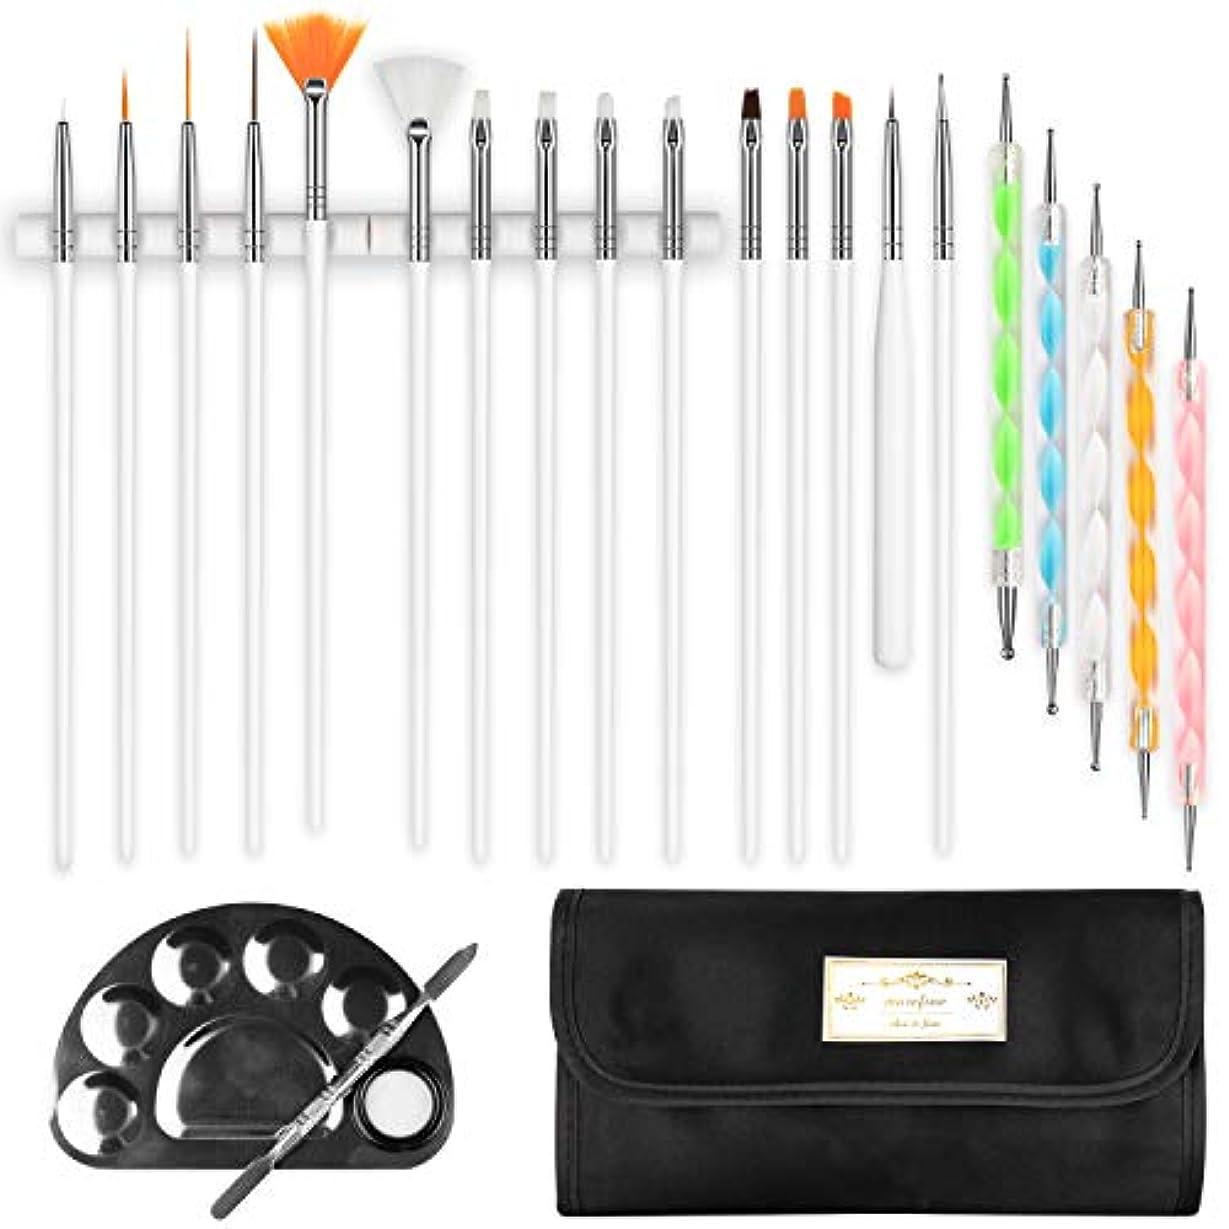 冷蔵するふざけたスプレーMorefine ネイルブラシ ジェルネイル 筆 ネイル筆15本 カラードットペン5本 ネイルアートブラシ用ホルダー2本、パレット1個&取扱説明書付 初心者、プロにも最適